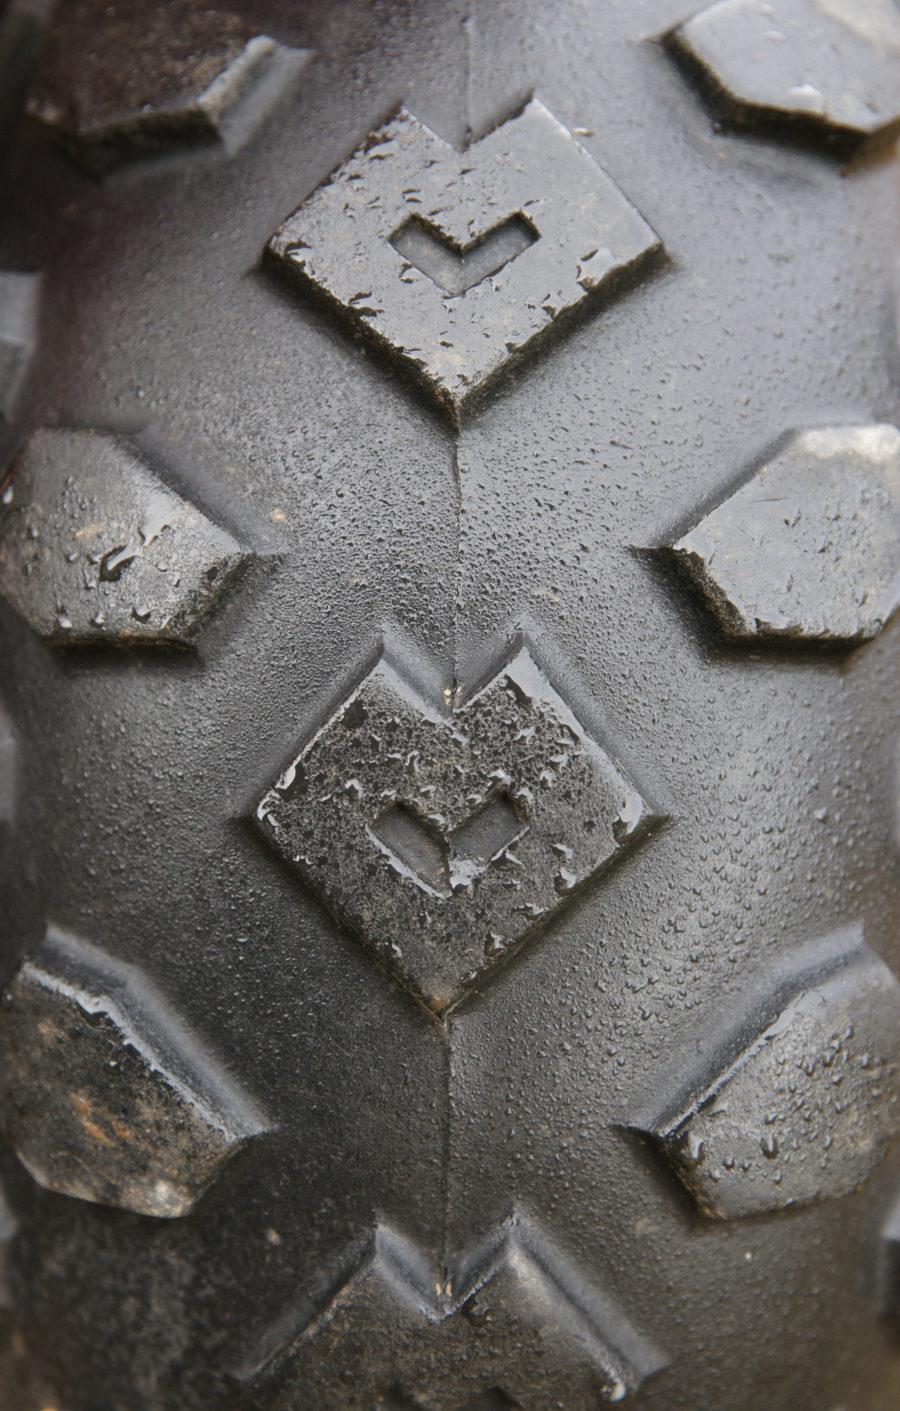 Sentetik - Metalik - Arkaplan resimleri